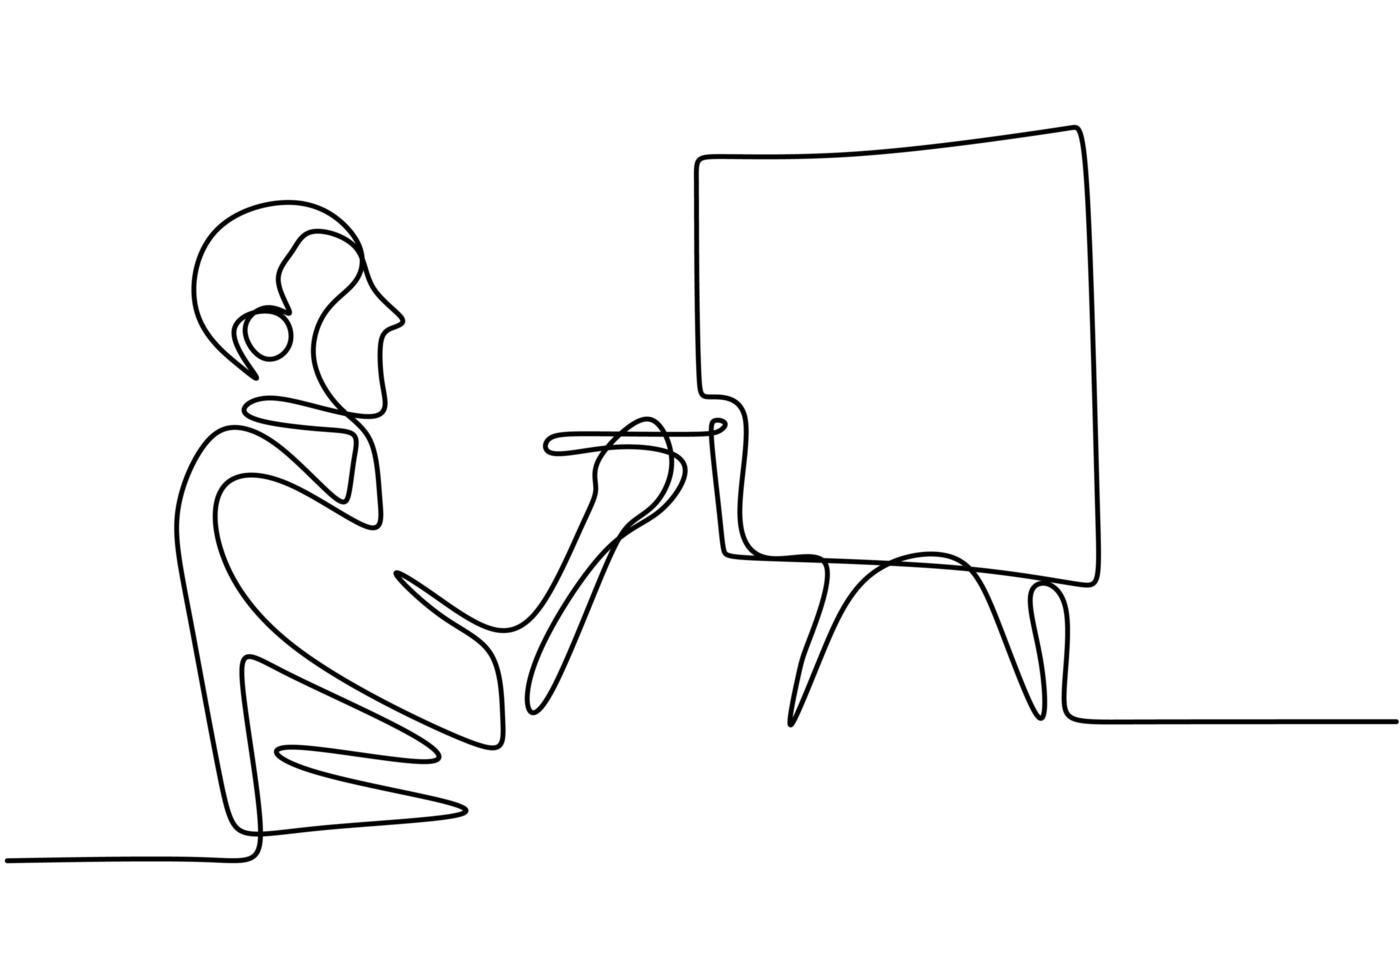 um homem pintando uma obra de arte na tela. pintor artista. arte em linha única contínua do pintor. vetor